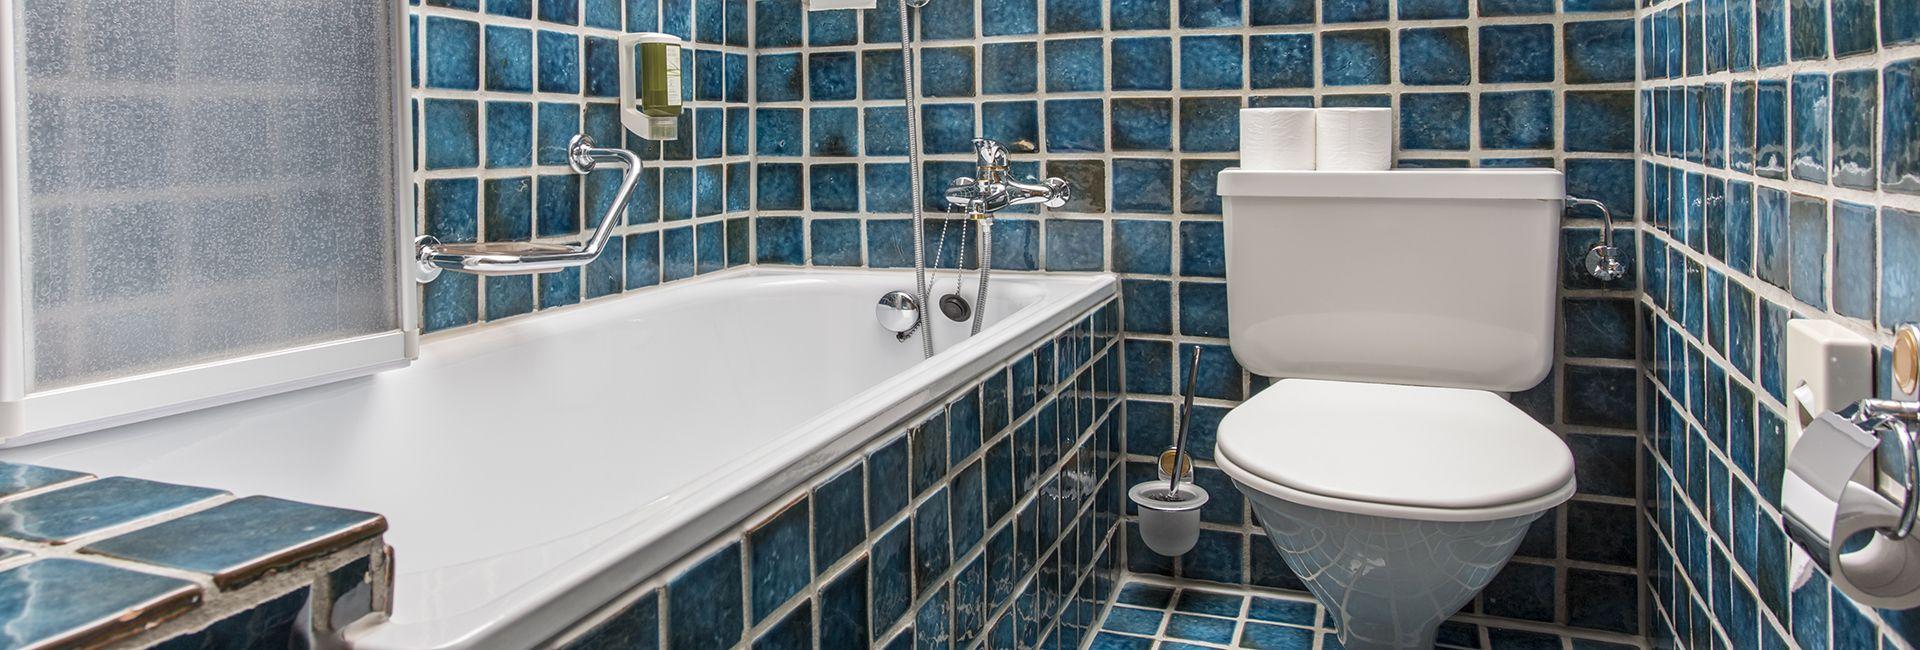 Badezimmer Beispiel im Hotel Cresta Flims